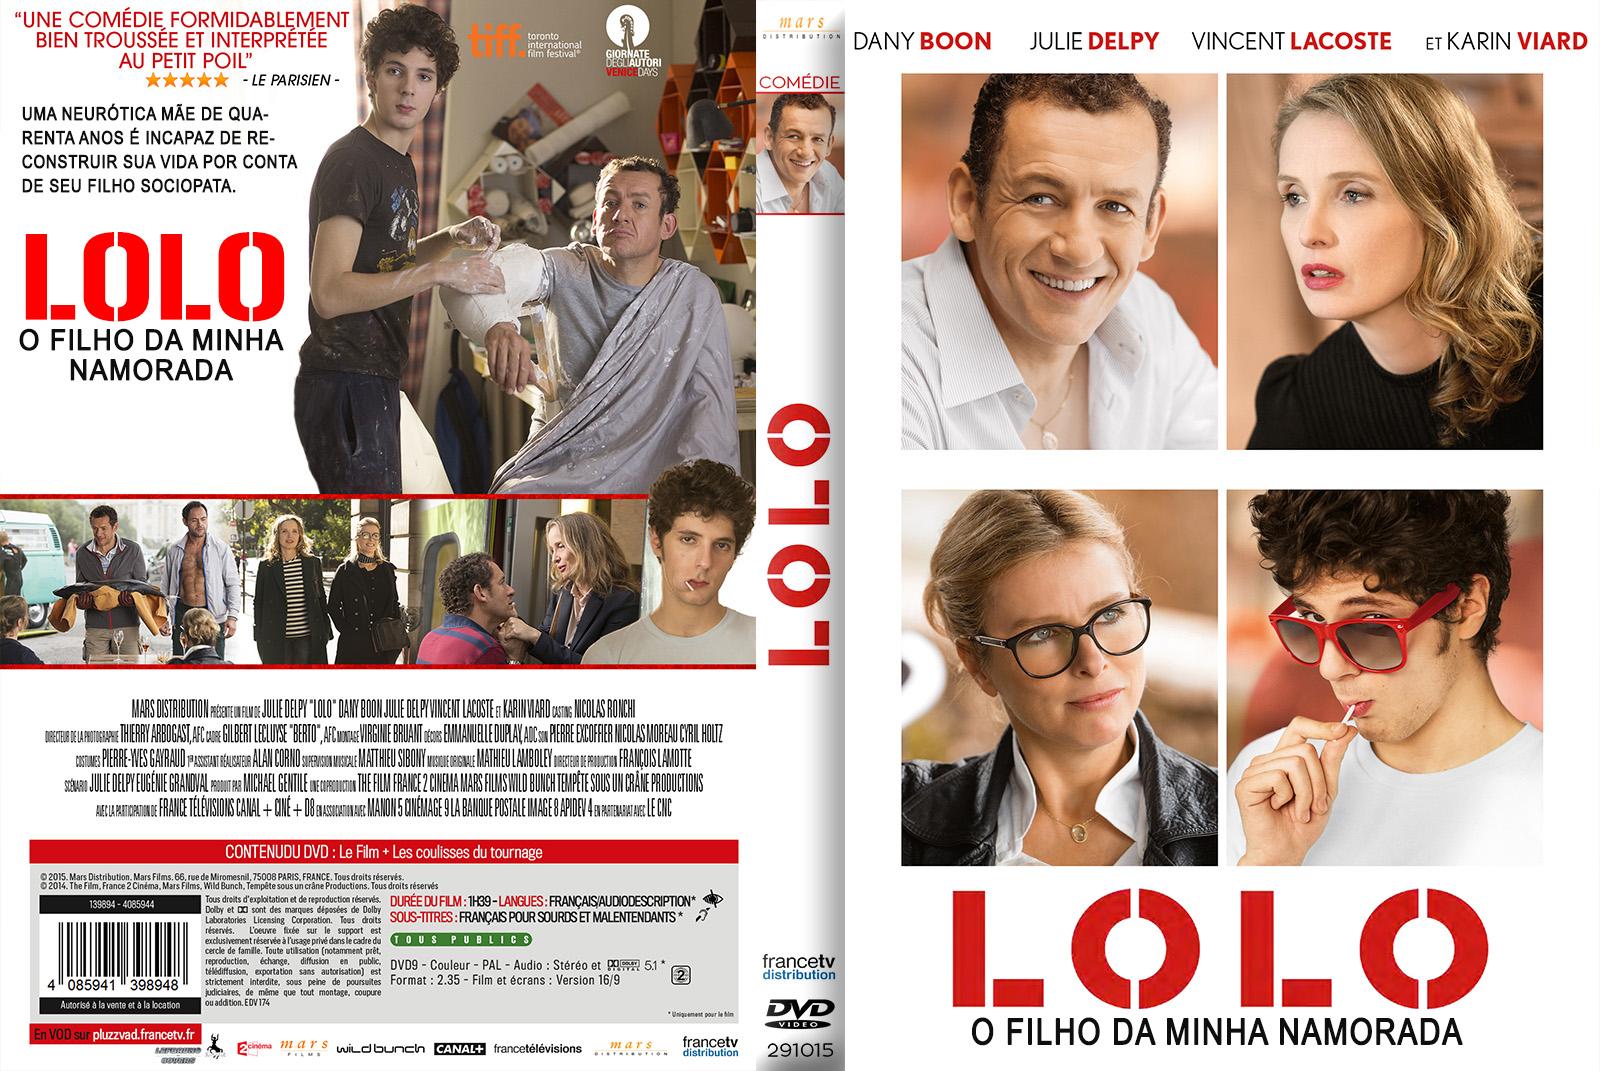 Download Lolo O Filho da Minha Namorada DVDRip Dual Áudio lolo 2BO 2BFilho 2Bda 2BMinha 2BNamorada 2B  2BXANDAODOWNLOAD